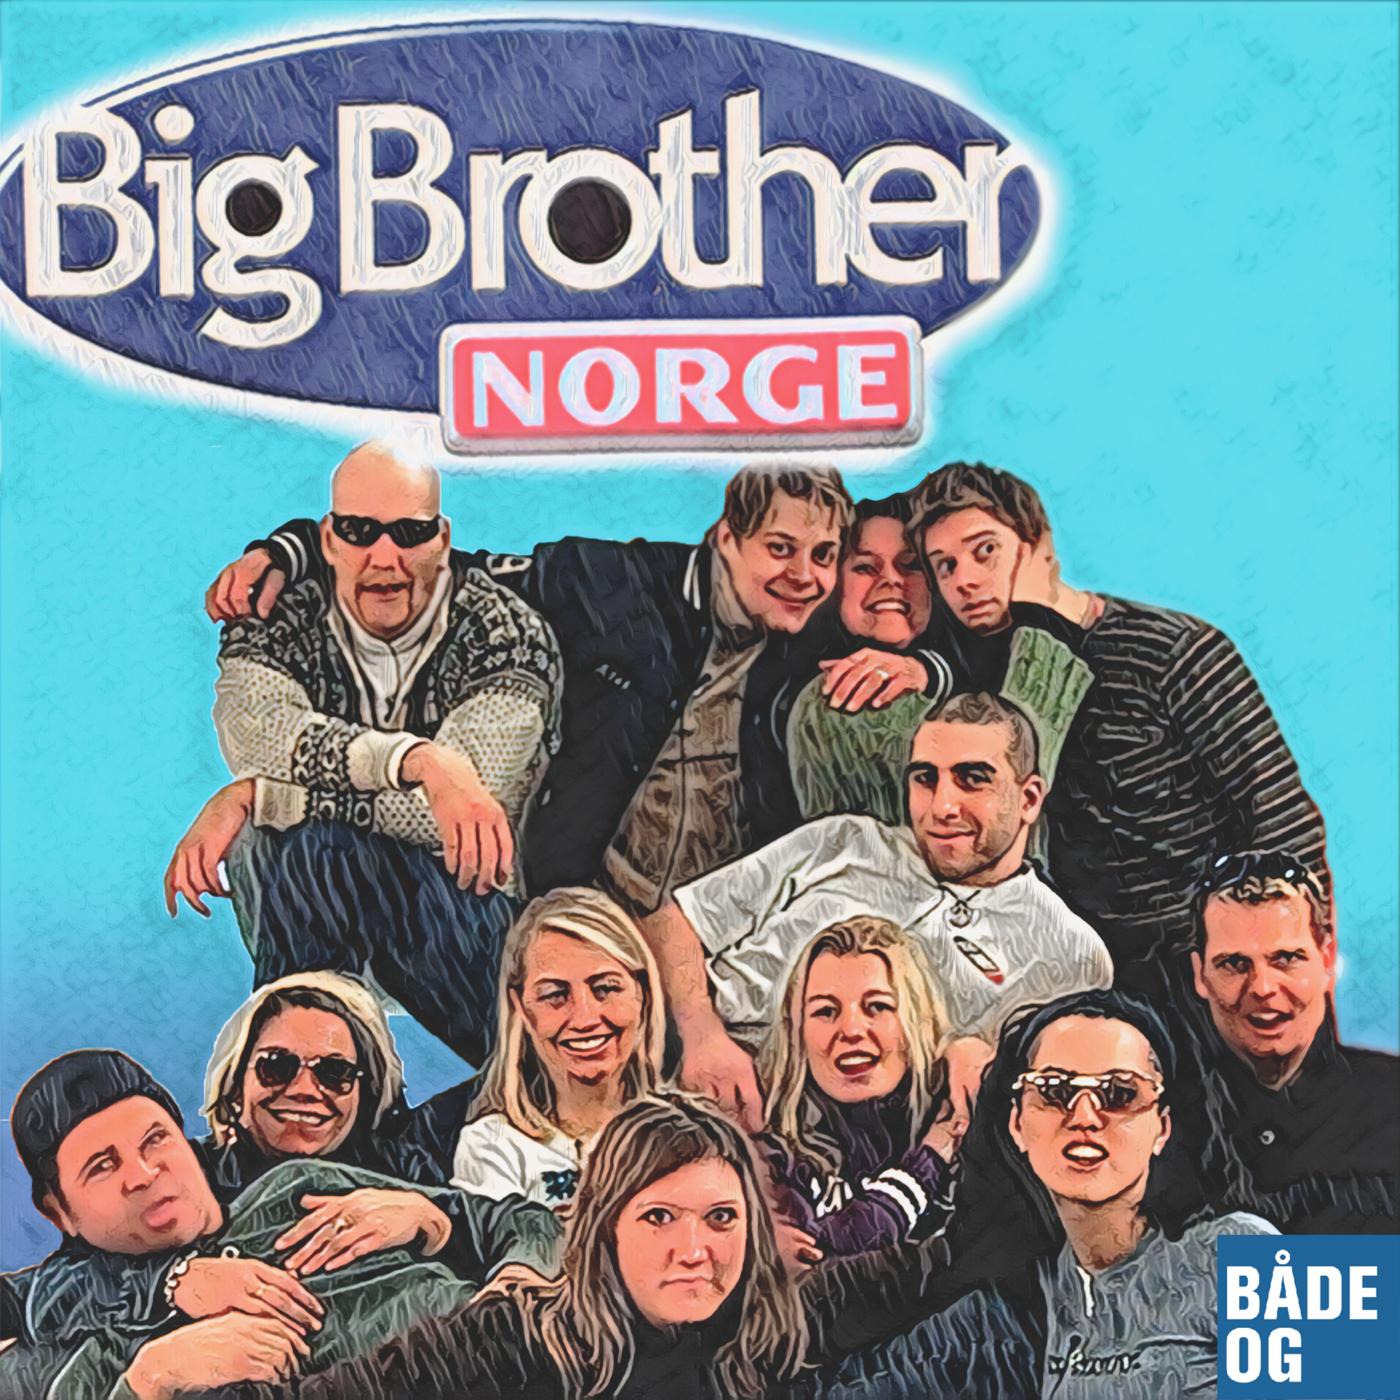 Big Brother 2001: Alle der var våre venner